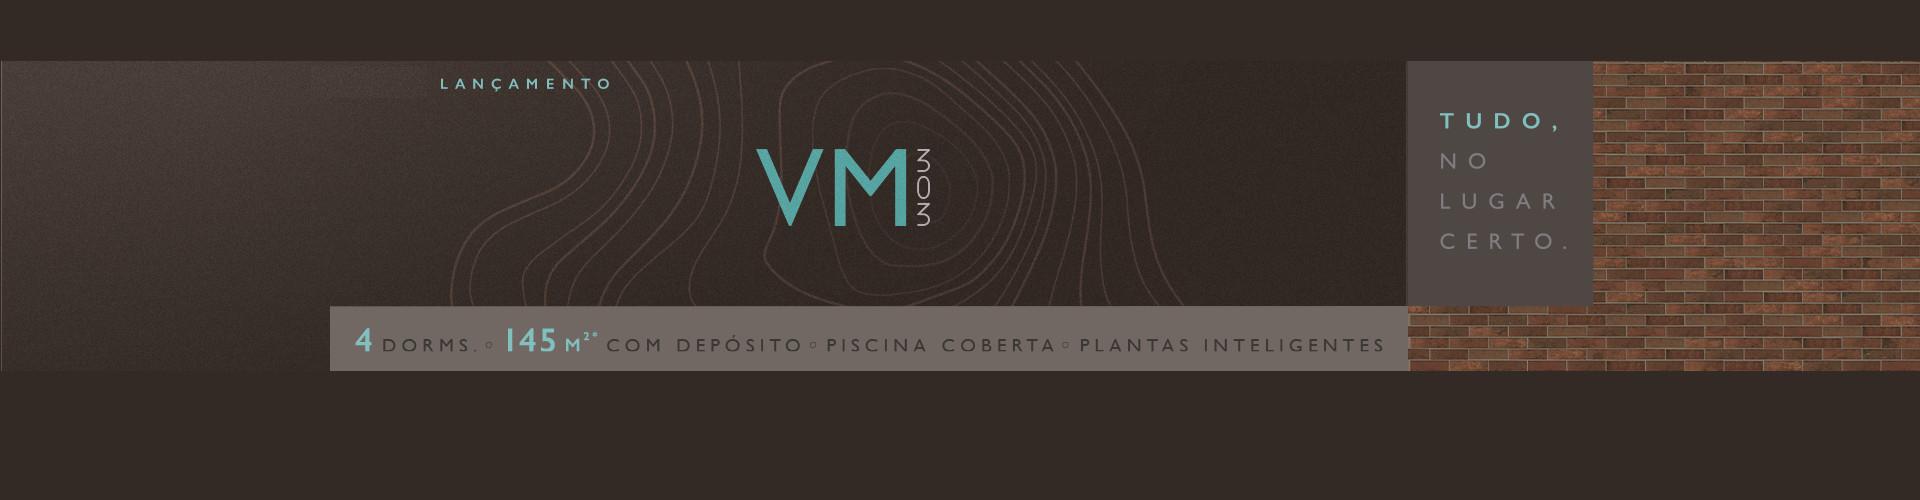 Lançamento VM303